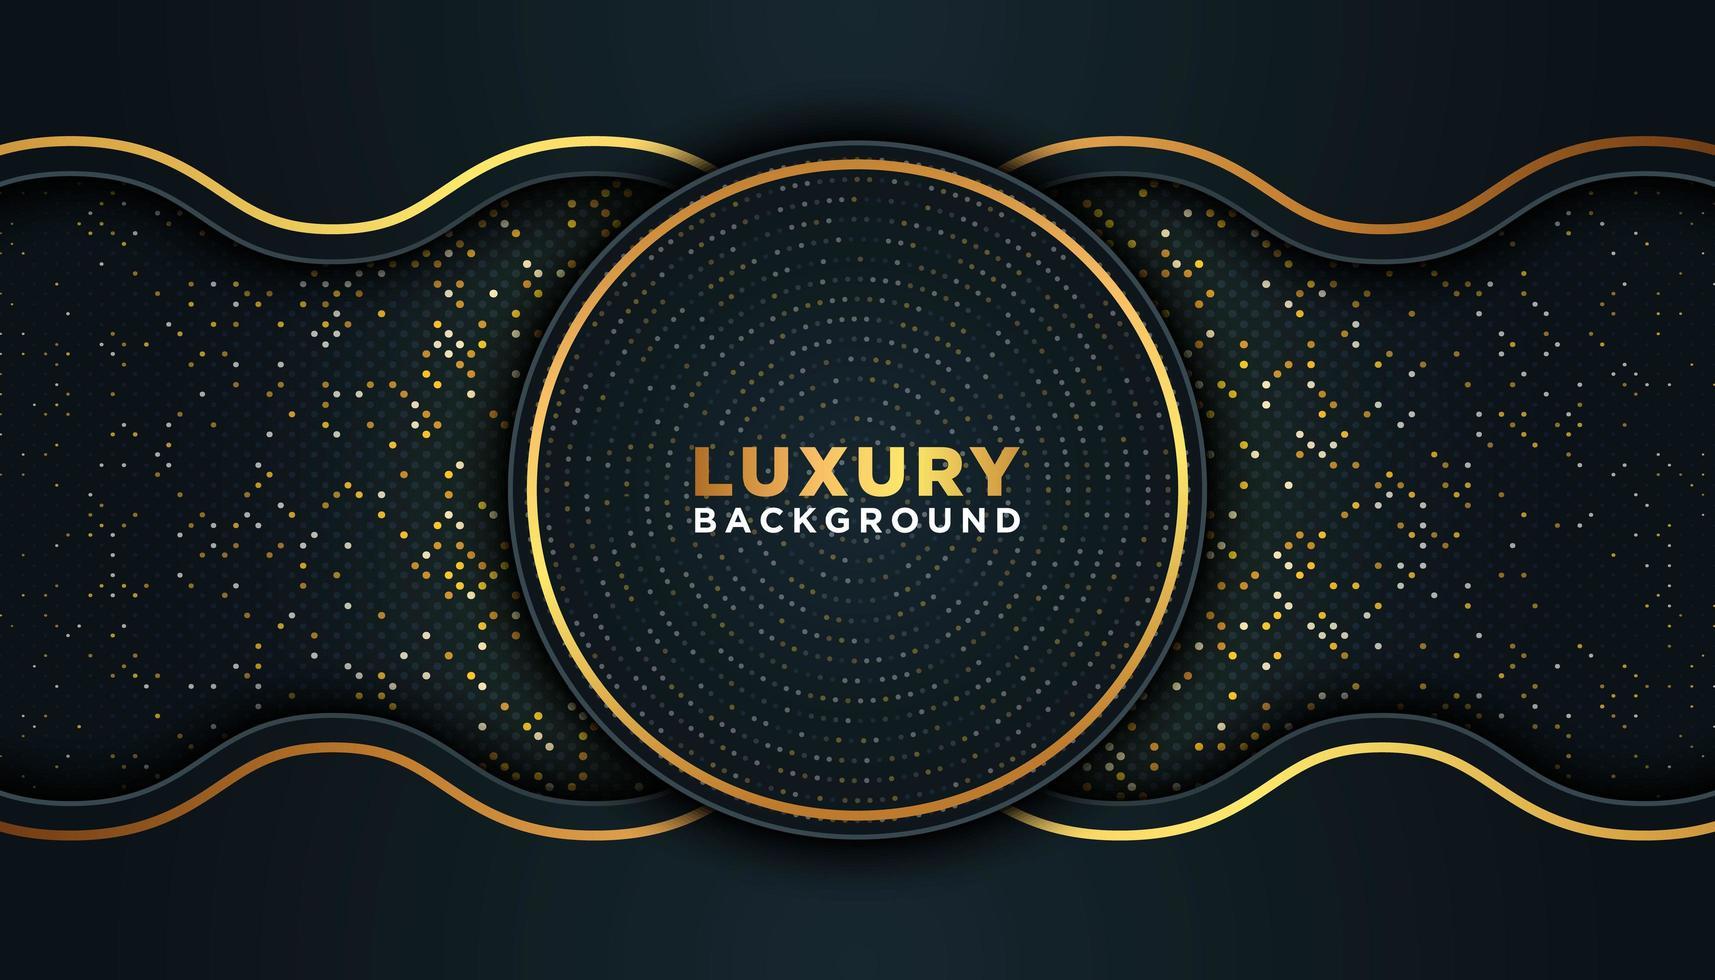 fond de luxe noir avec de l'or vecteur